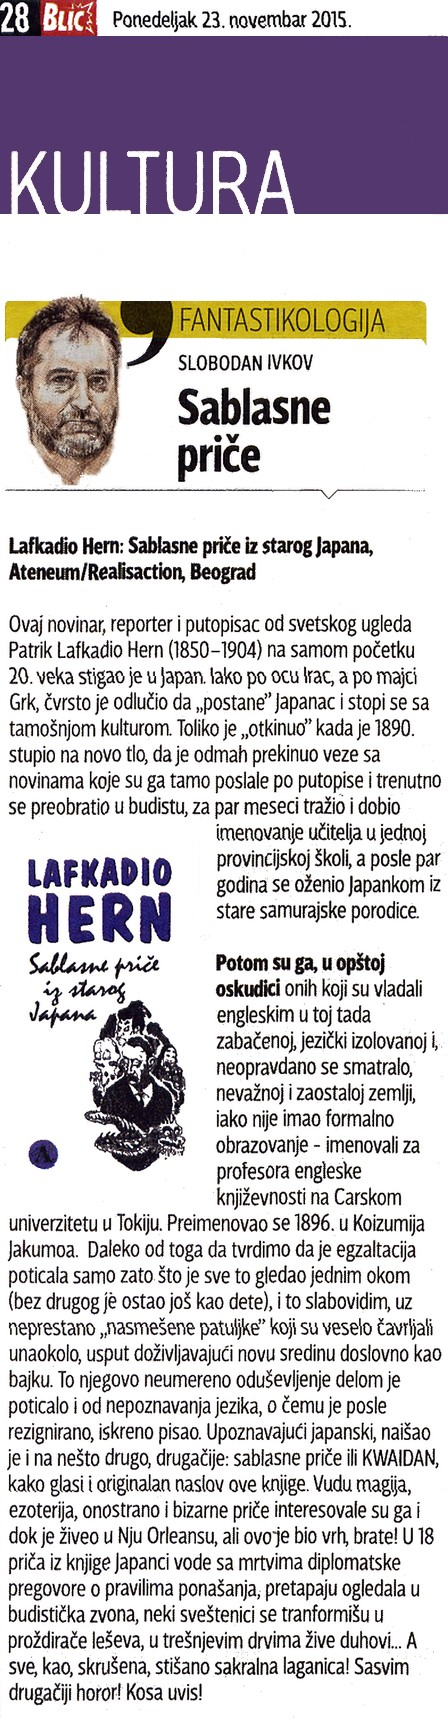 Lafkadio Hern - Sablasne priče